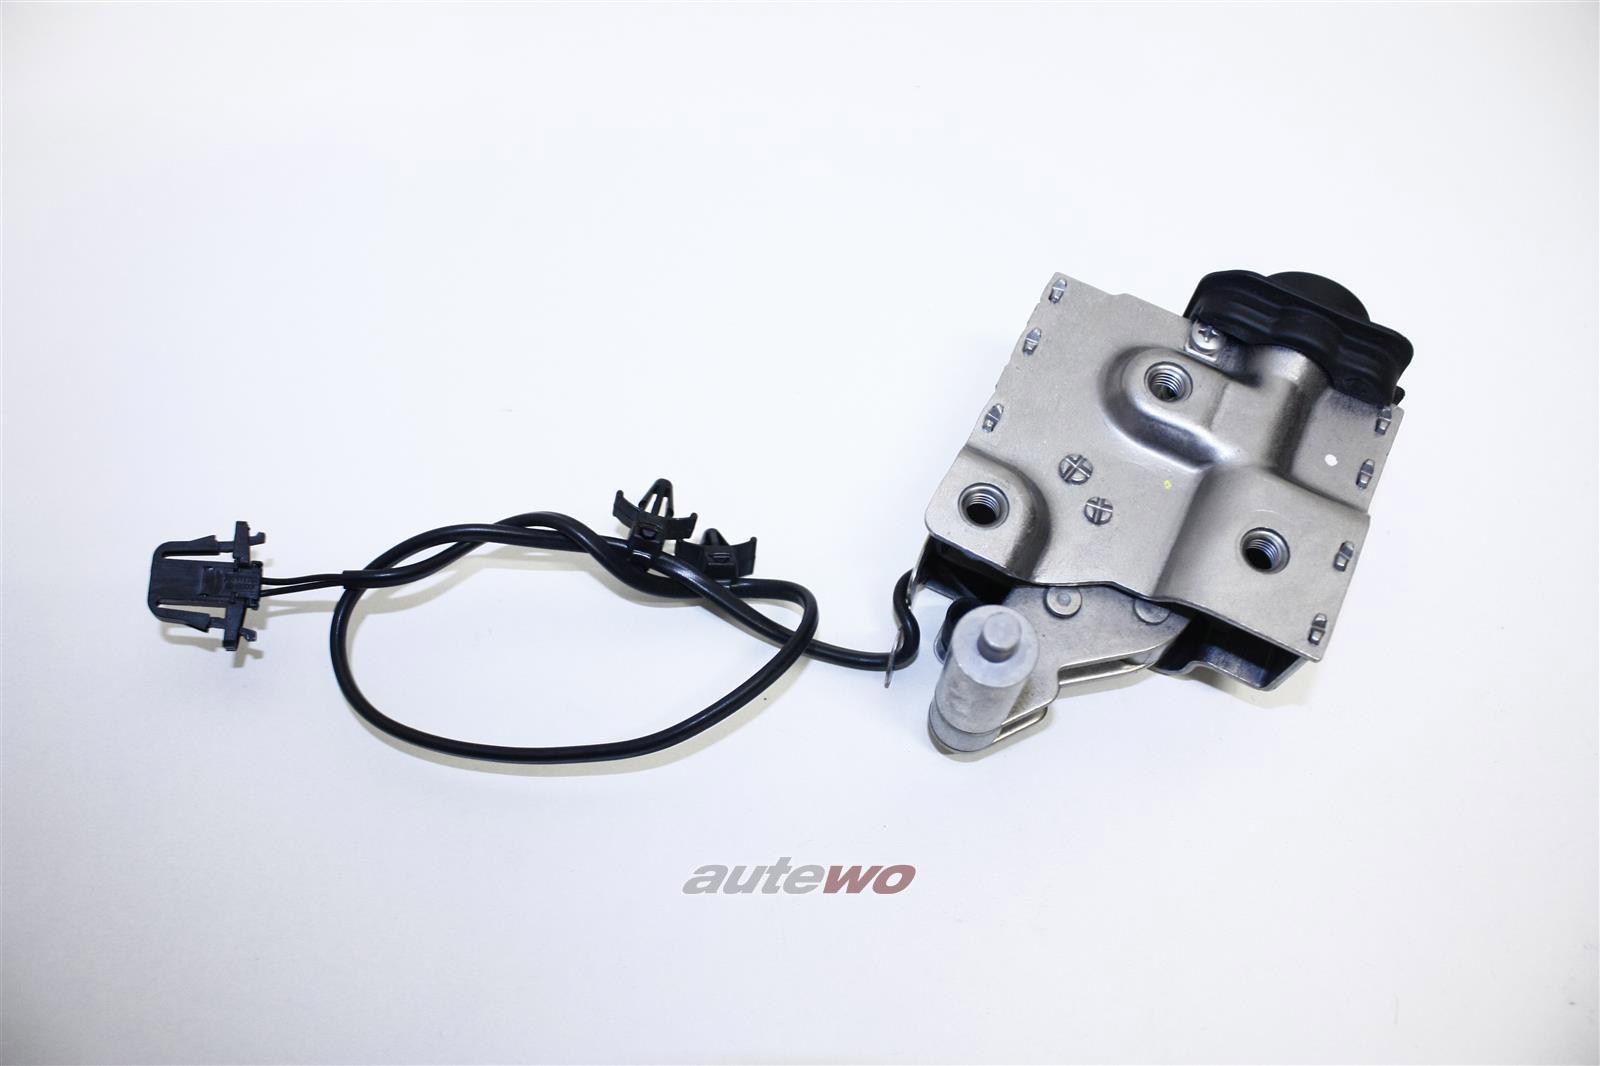 NEU & ORIGINAL! Audi A4/S4/RS4 8H Cabrio Verschluss Verdeckkasten Rechts 8H0825396B